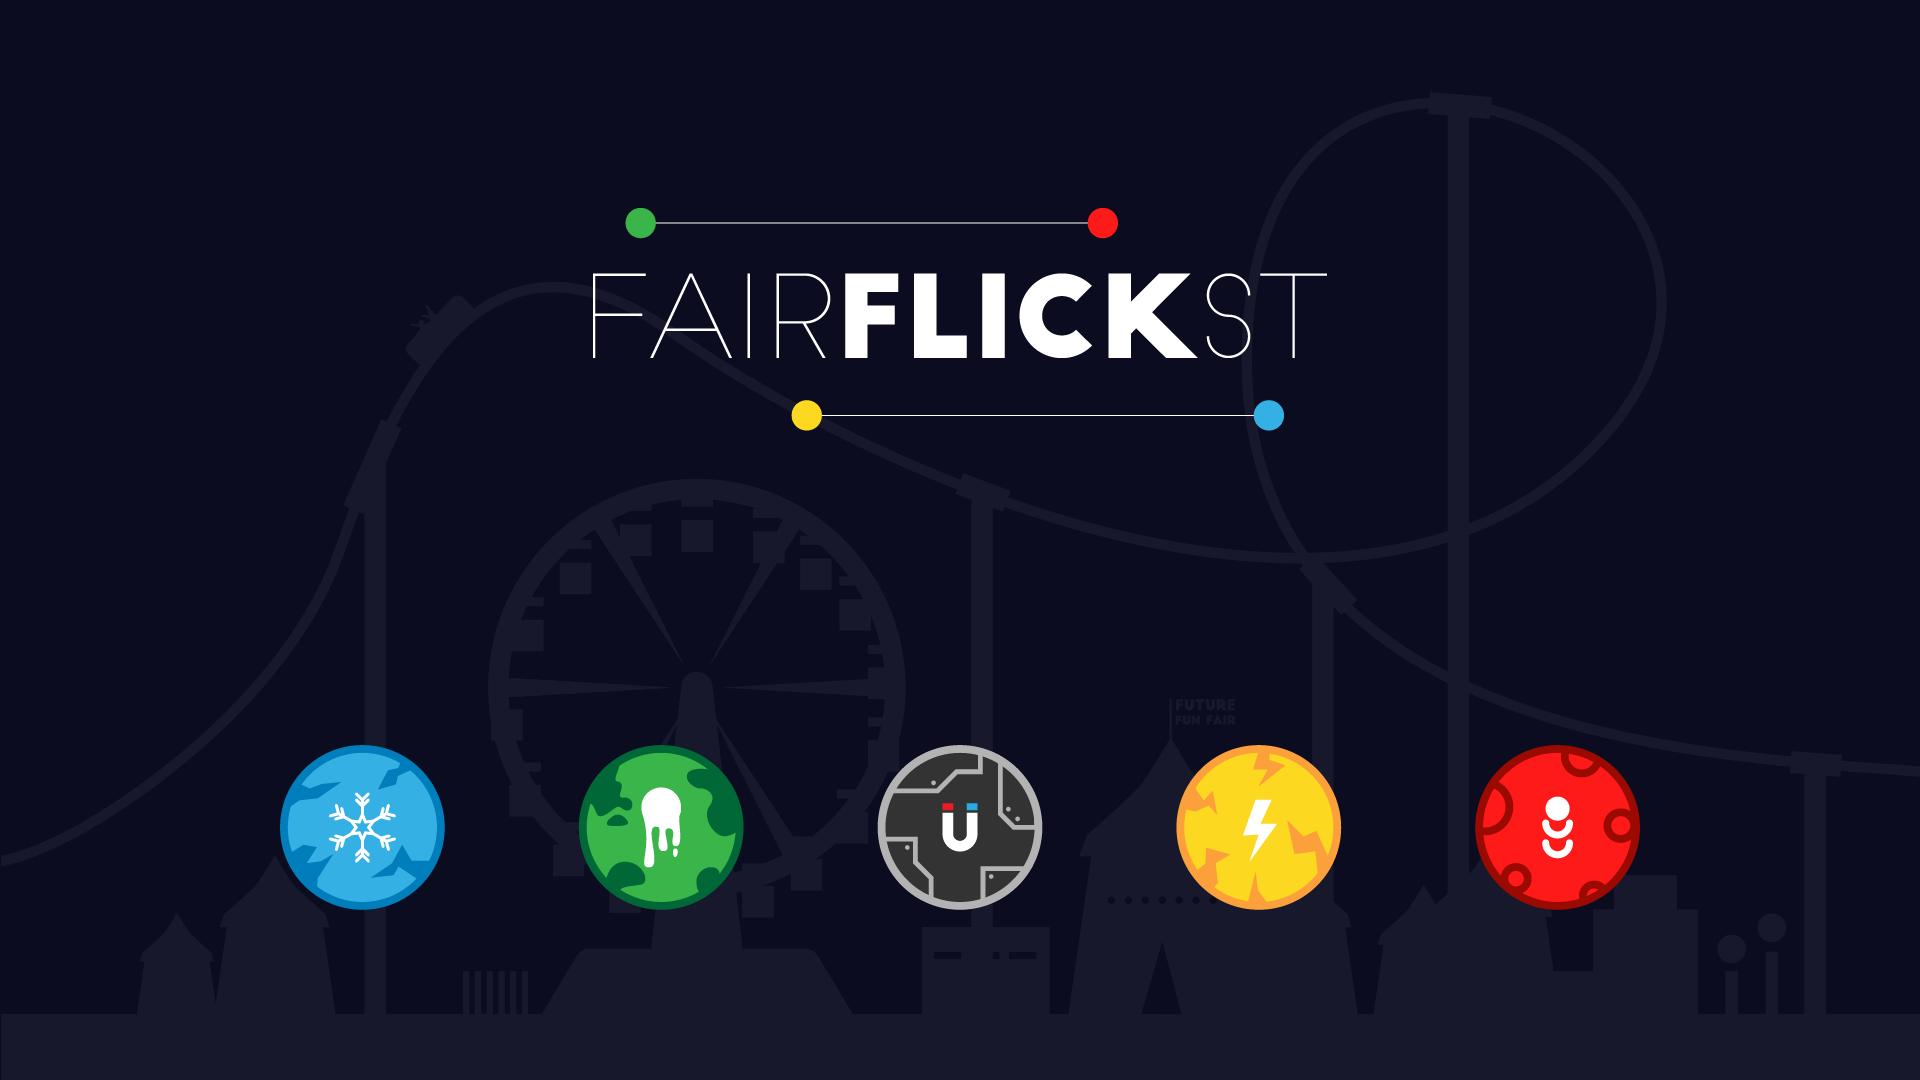 Fairflickst